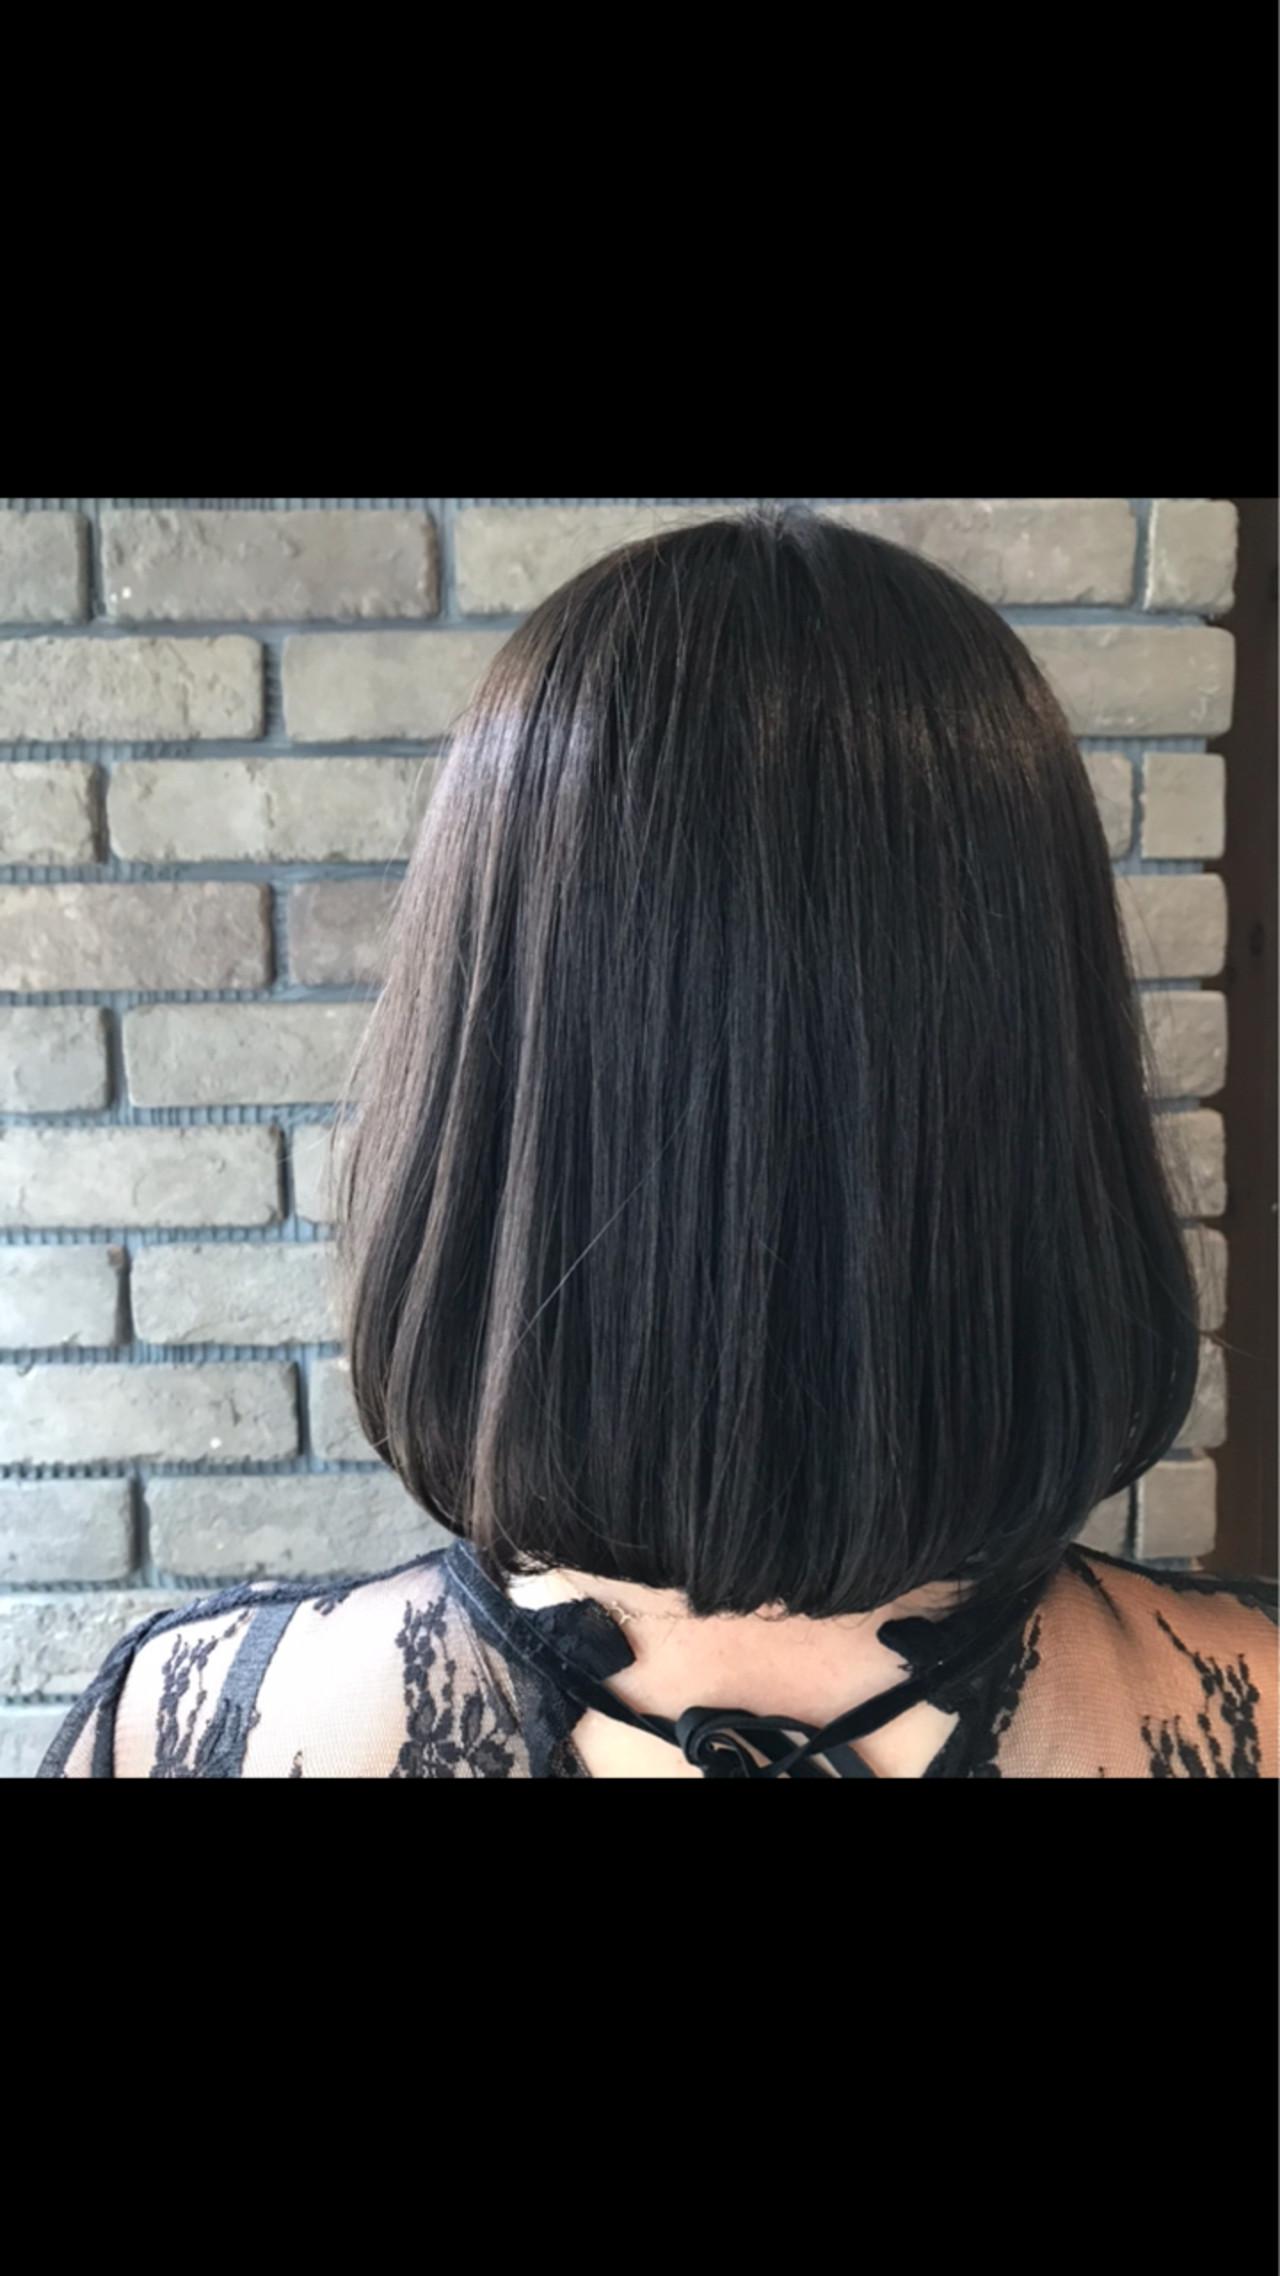 グレージュ 抜け感 透明感 ショート ヘアスタイルや髪型の写真・画像 | 谷川 健太 / ROVERSI